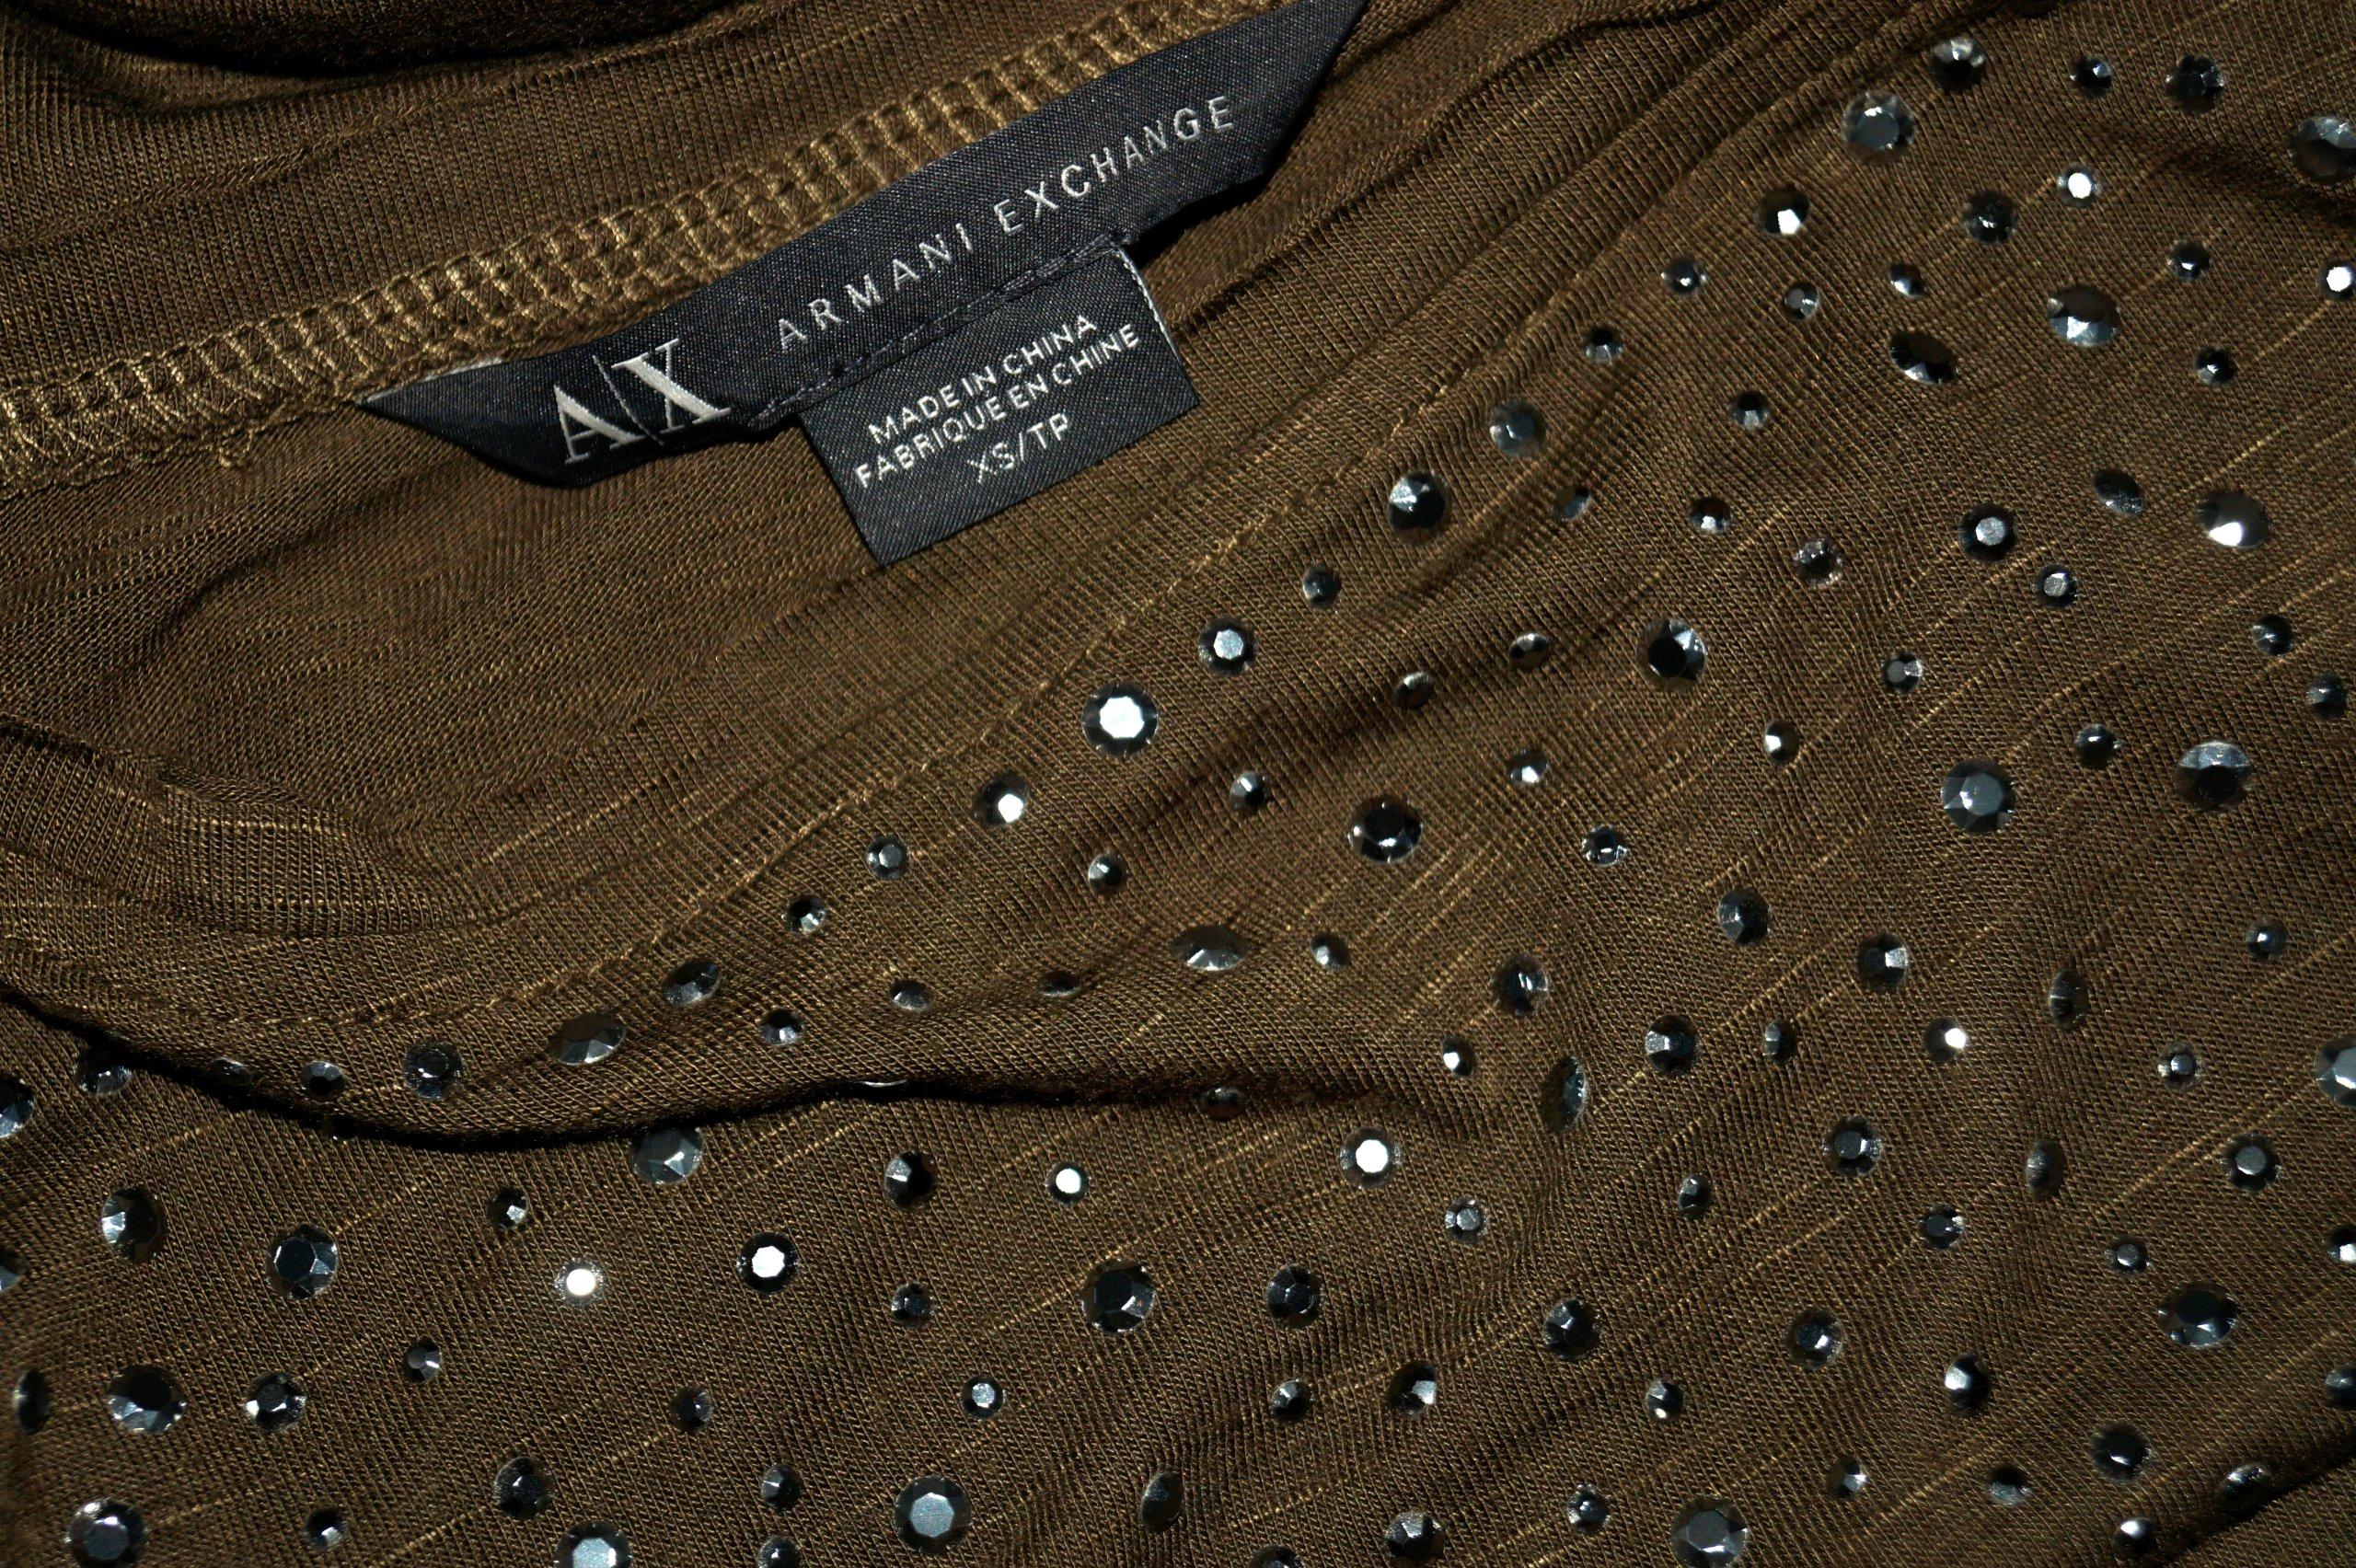 ARMANI oliwkowa zdobiona bluzeczka J.NOWA 34 36